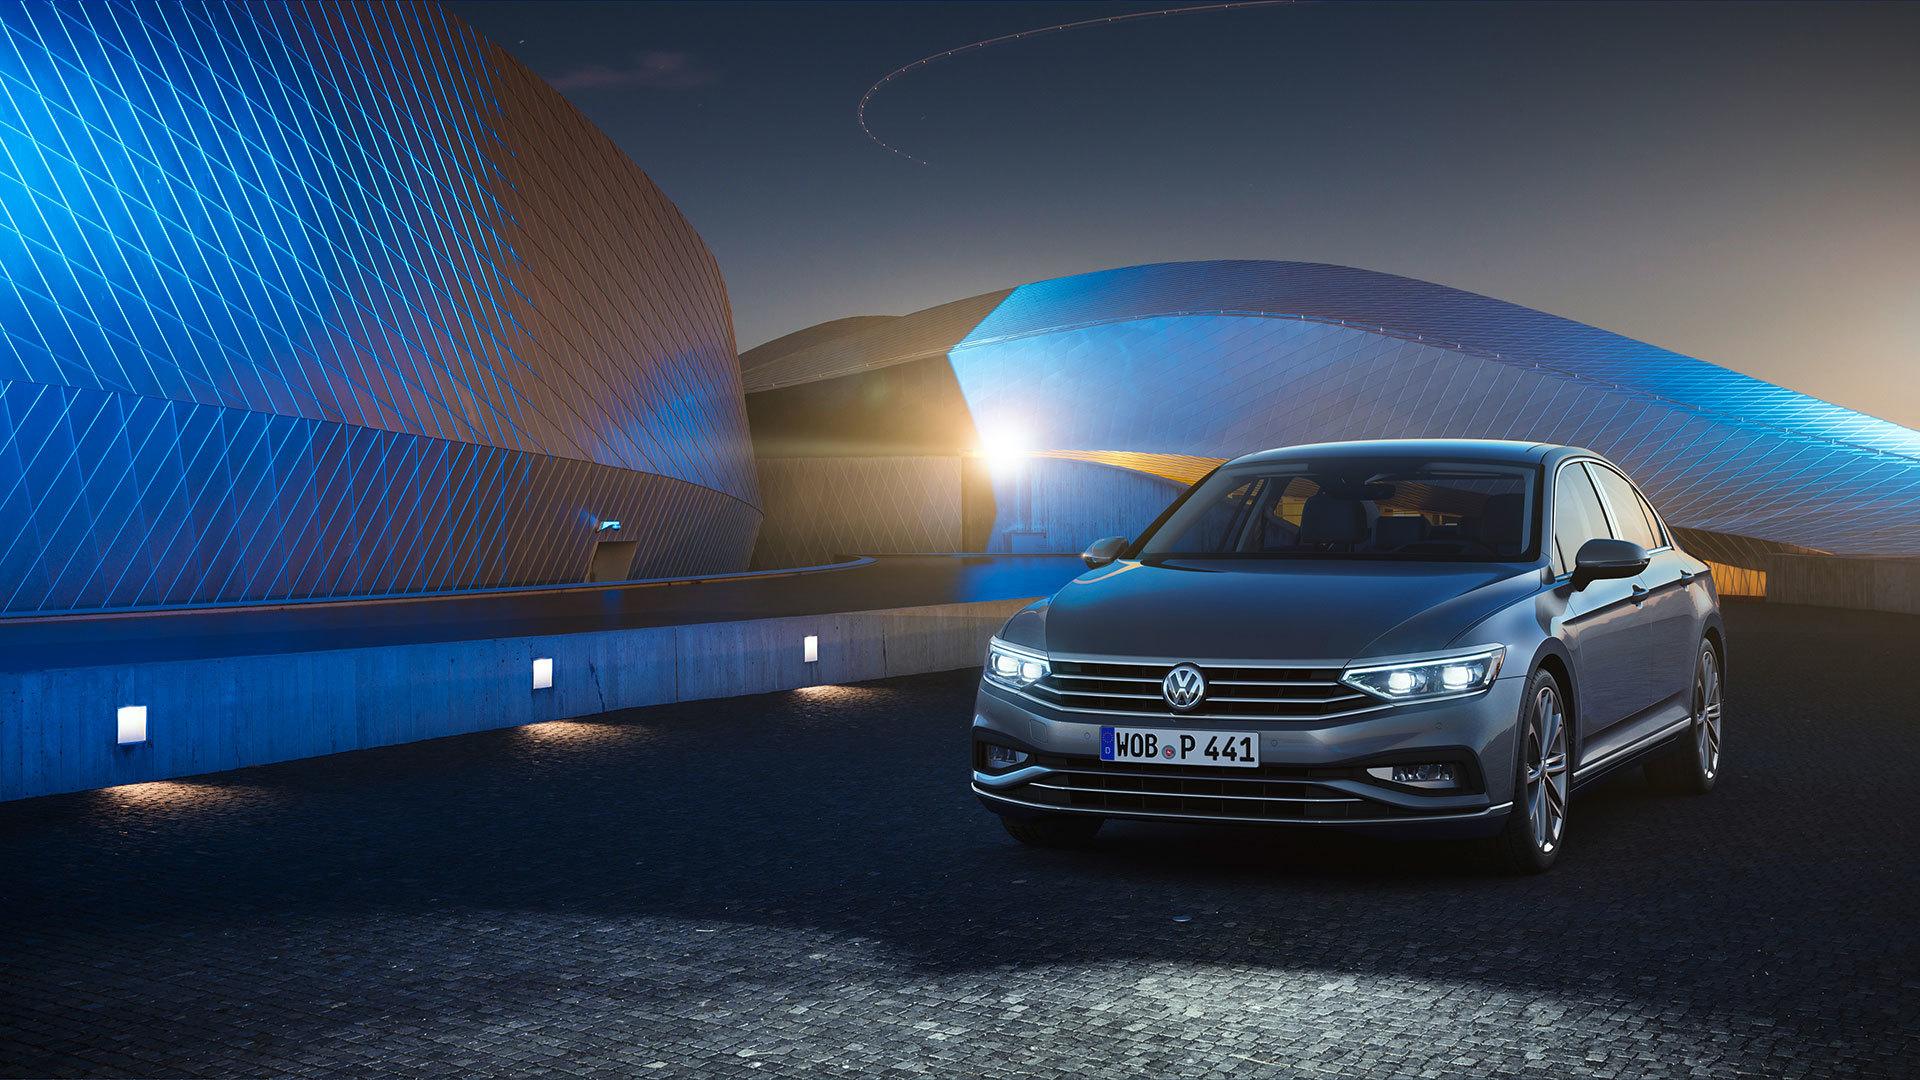 Volkswagen Passat 2019 Gris Exterior 09